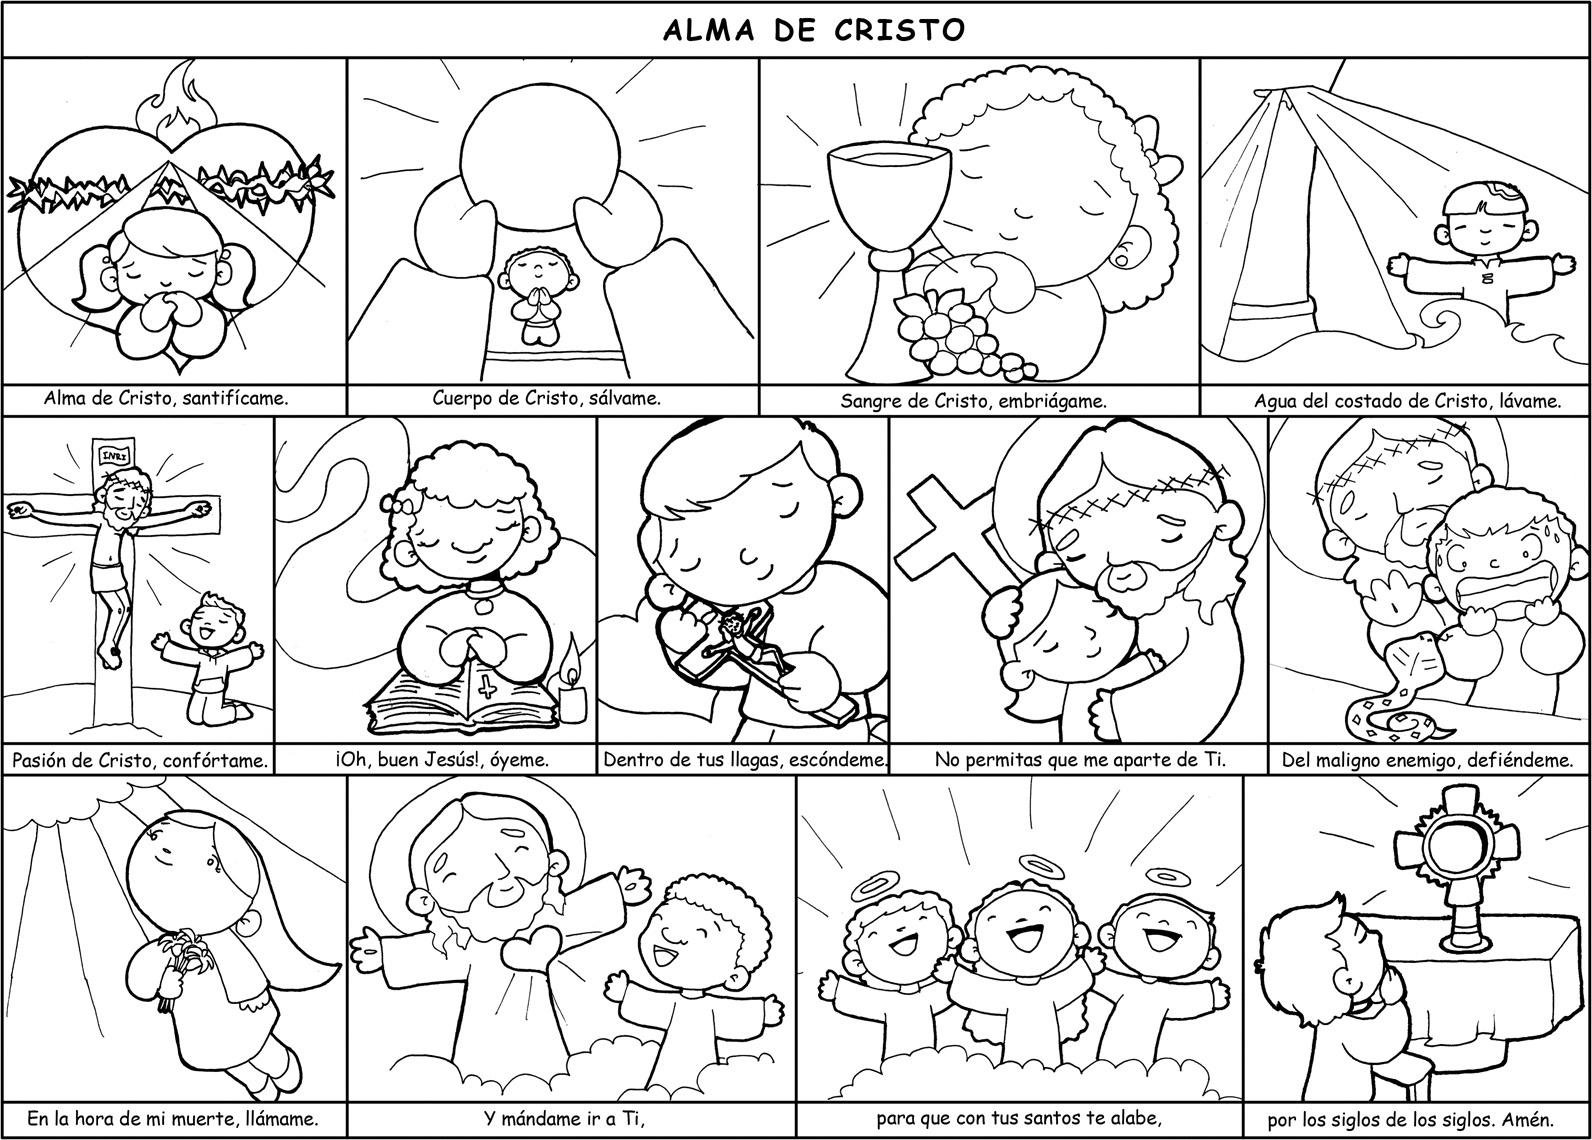 Las Misiones Y Los Niños Dibujos Para Colorear De Niños: Dibujos Para Catequesis: ALMA DE CRISTO